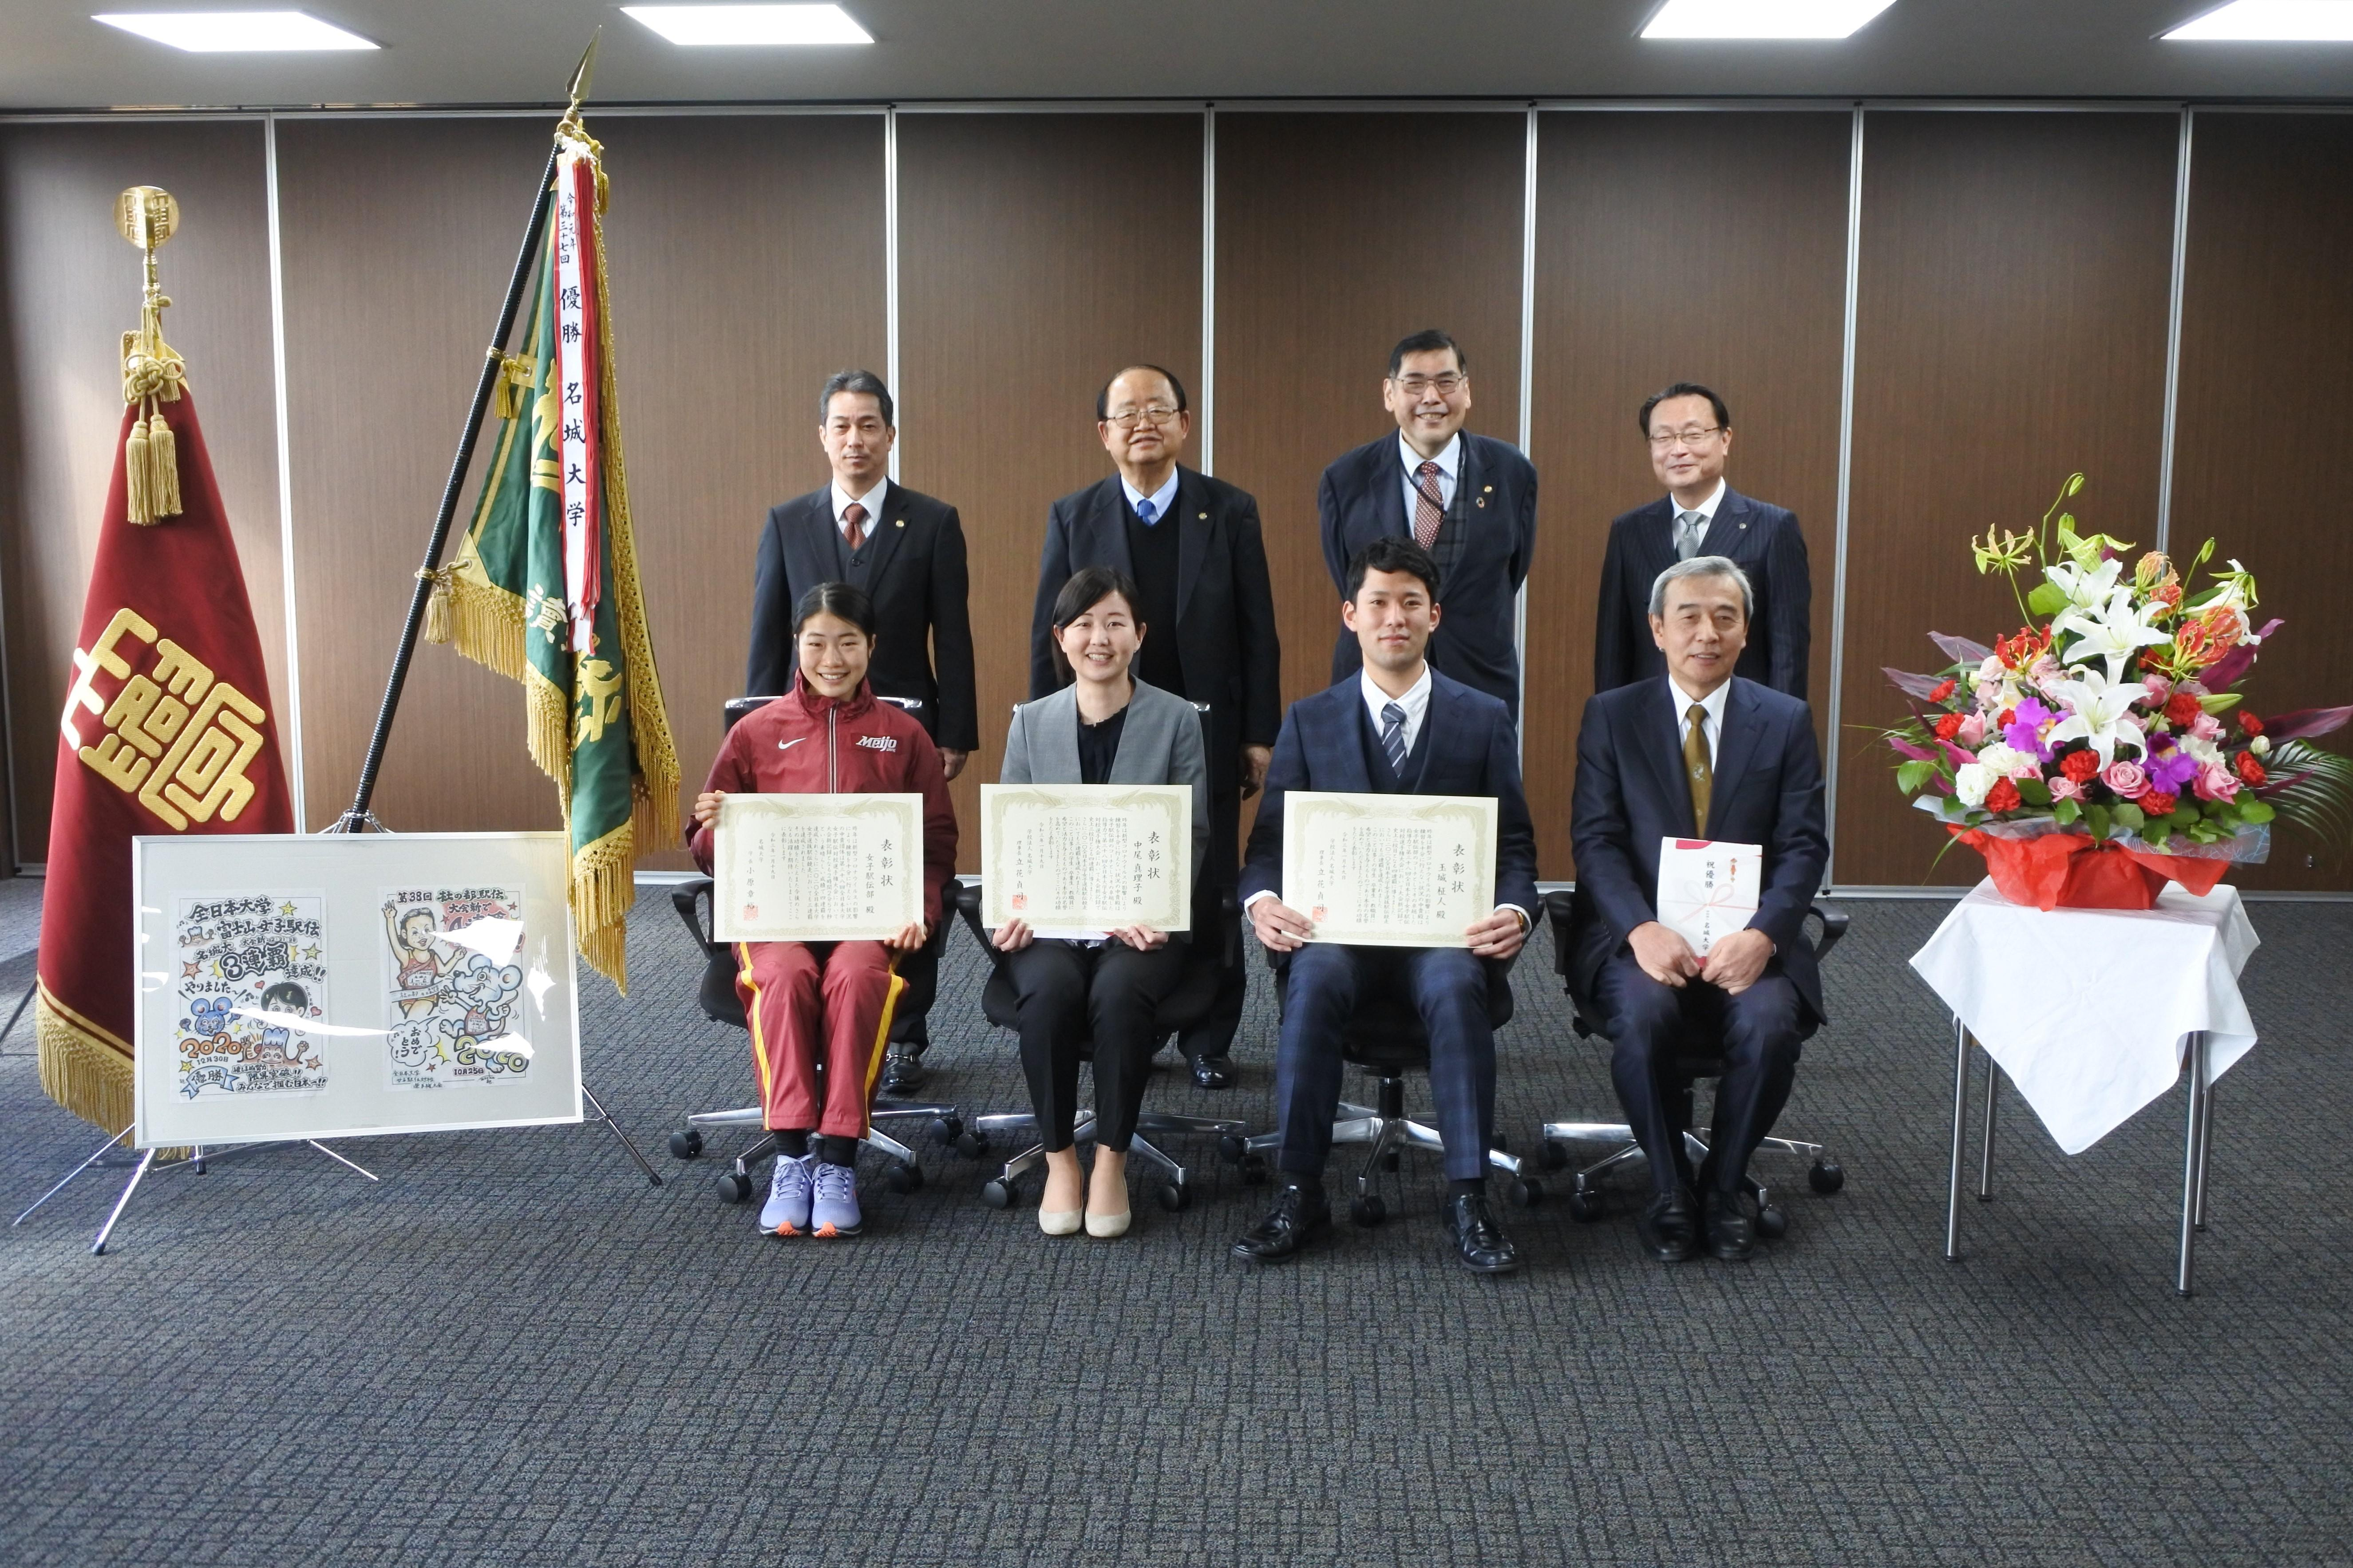 記念写真に納まる(前列左から)和田主将、中尾コーチ、玉城コーチ、加鳥部長ら